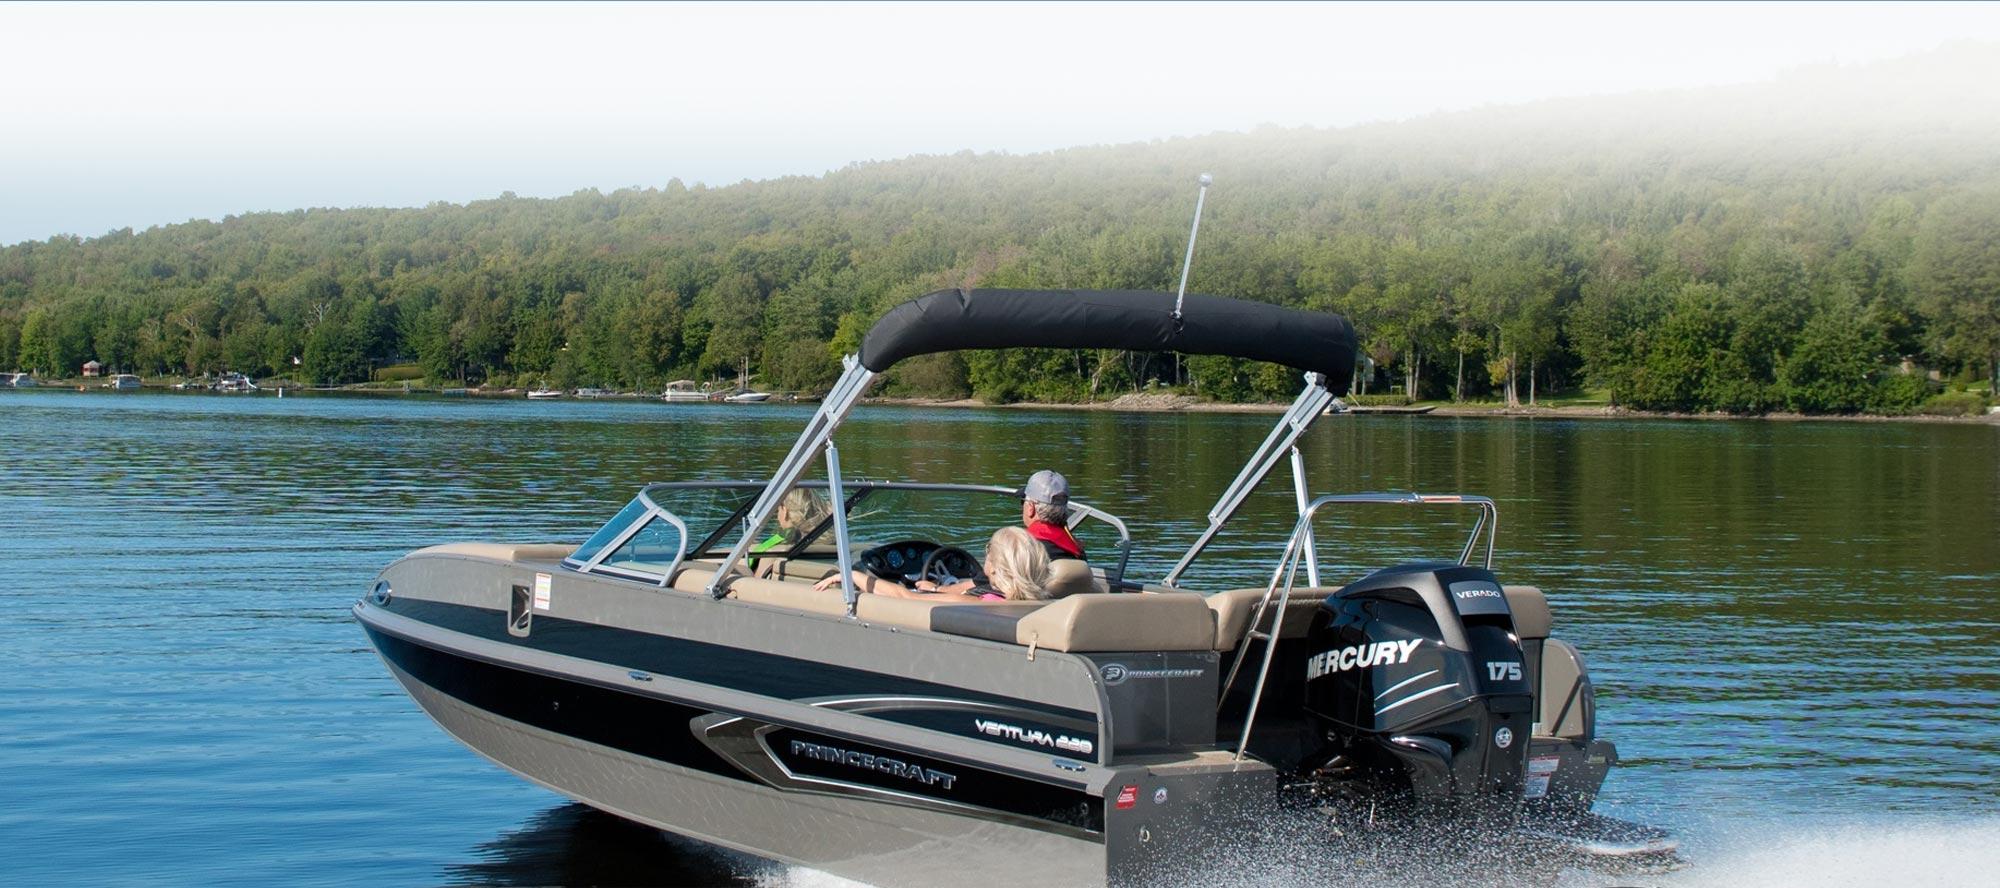 Dave's Turf & Marine Watertown, WI (920) 261-6802